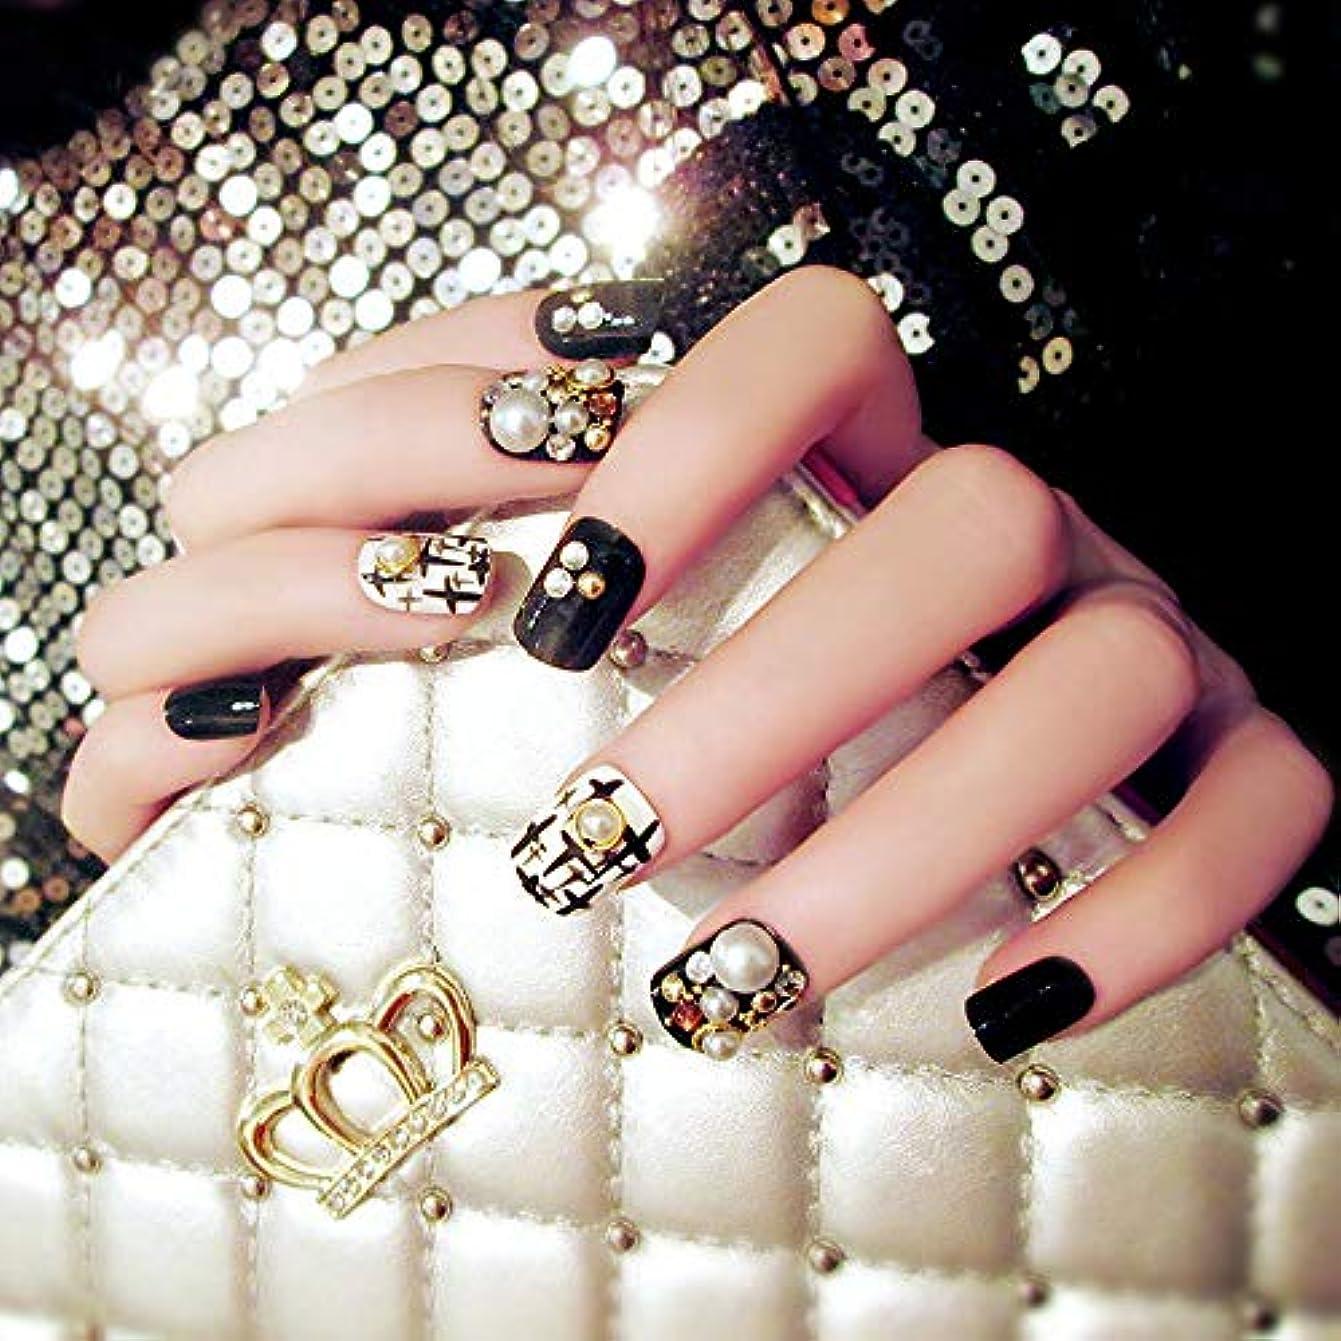 機械そうでなければ明るい24本の高品質の美しい偽の黒い爪白真珠のデザイン偽の爪のヒントは偽の爪をカバー